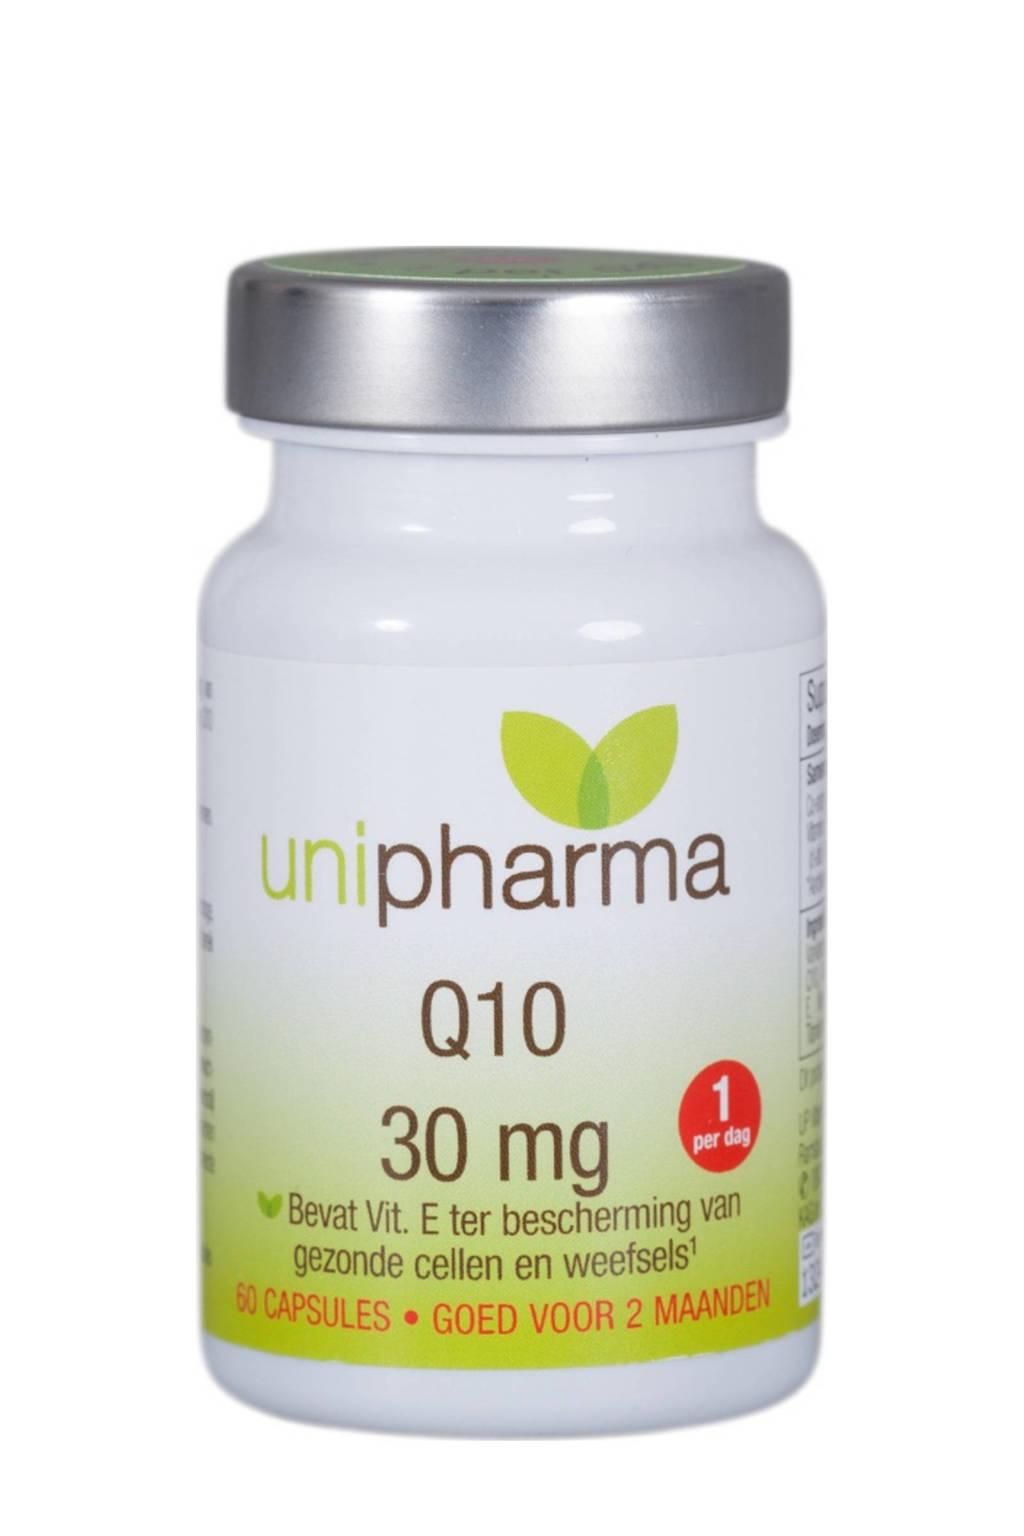 Unipharma Q10 - 60 capsules